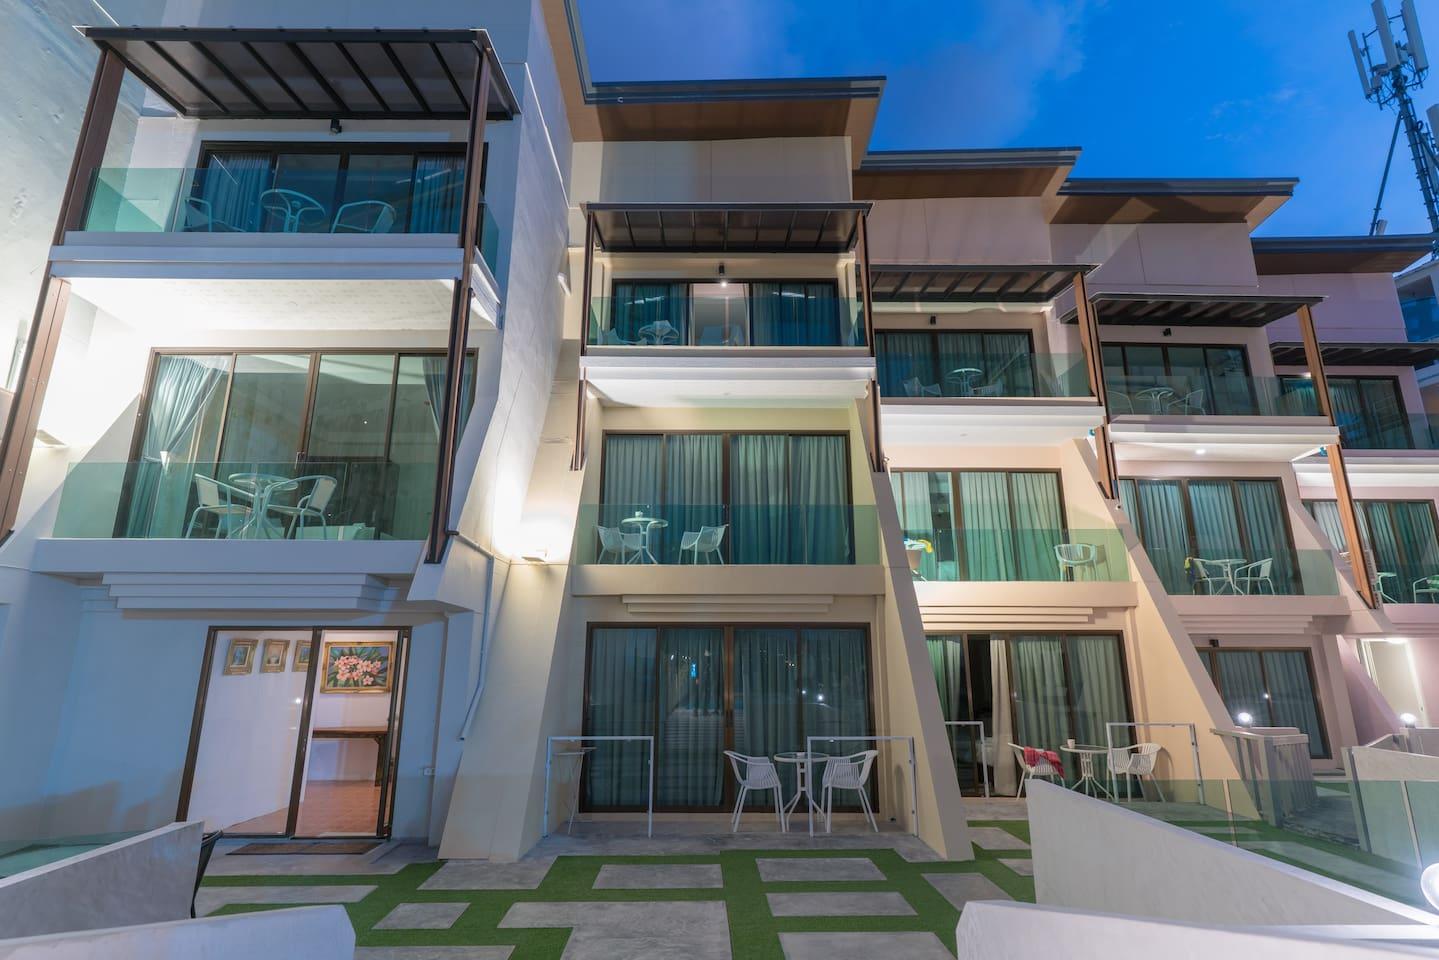 Φ B DBL Room with balcony good atmosphere pool Φ